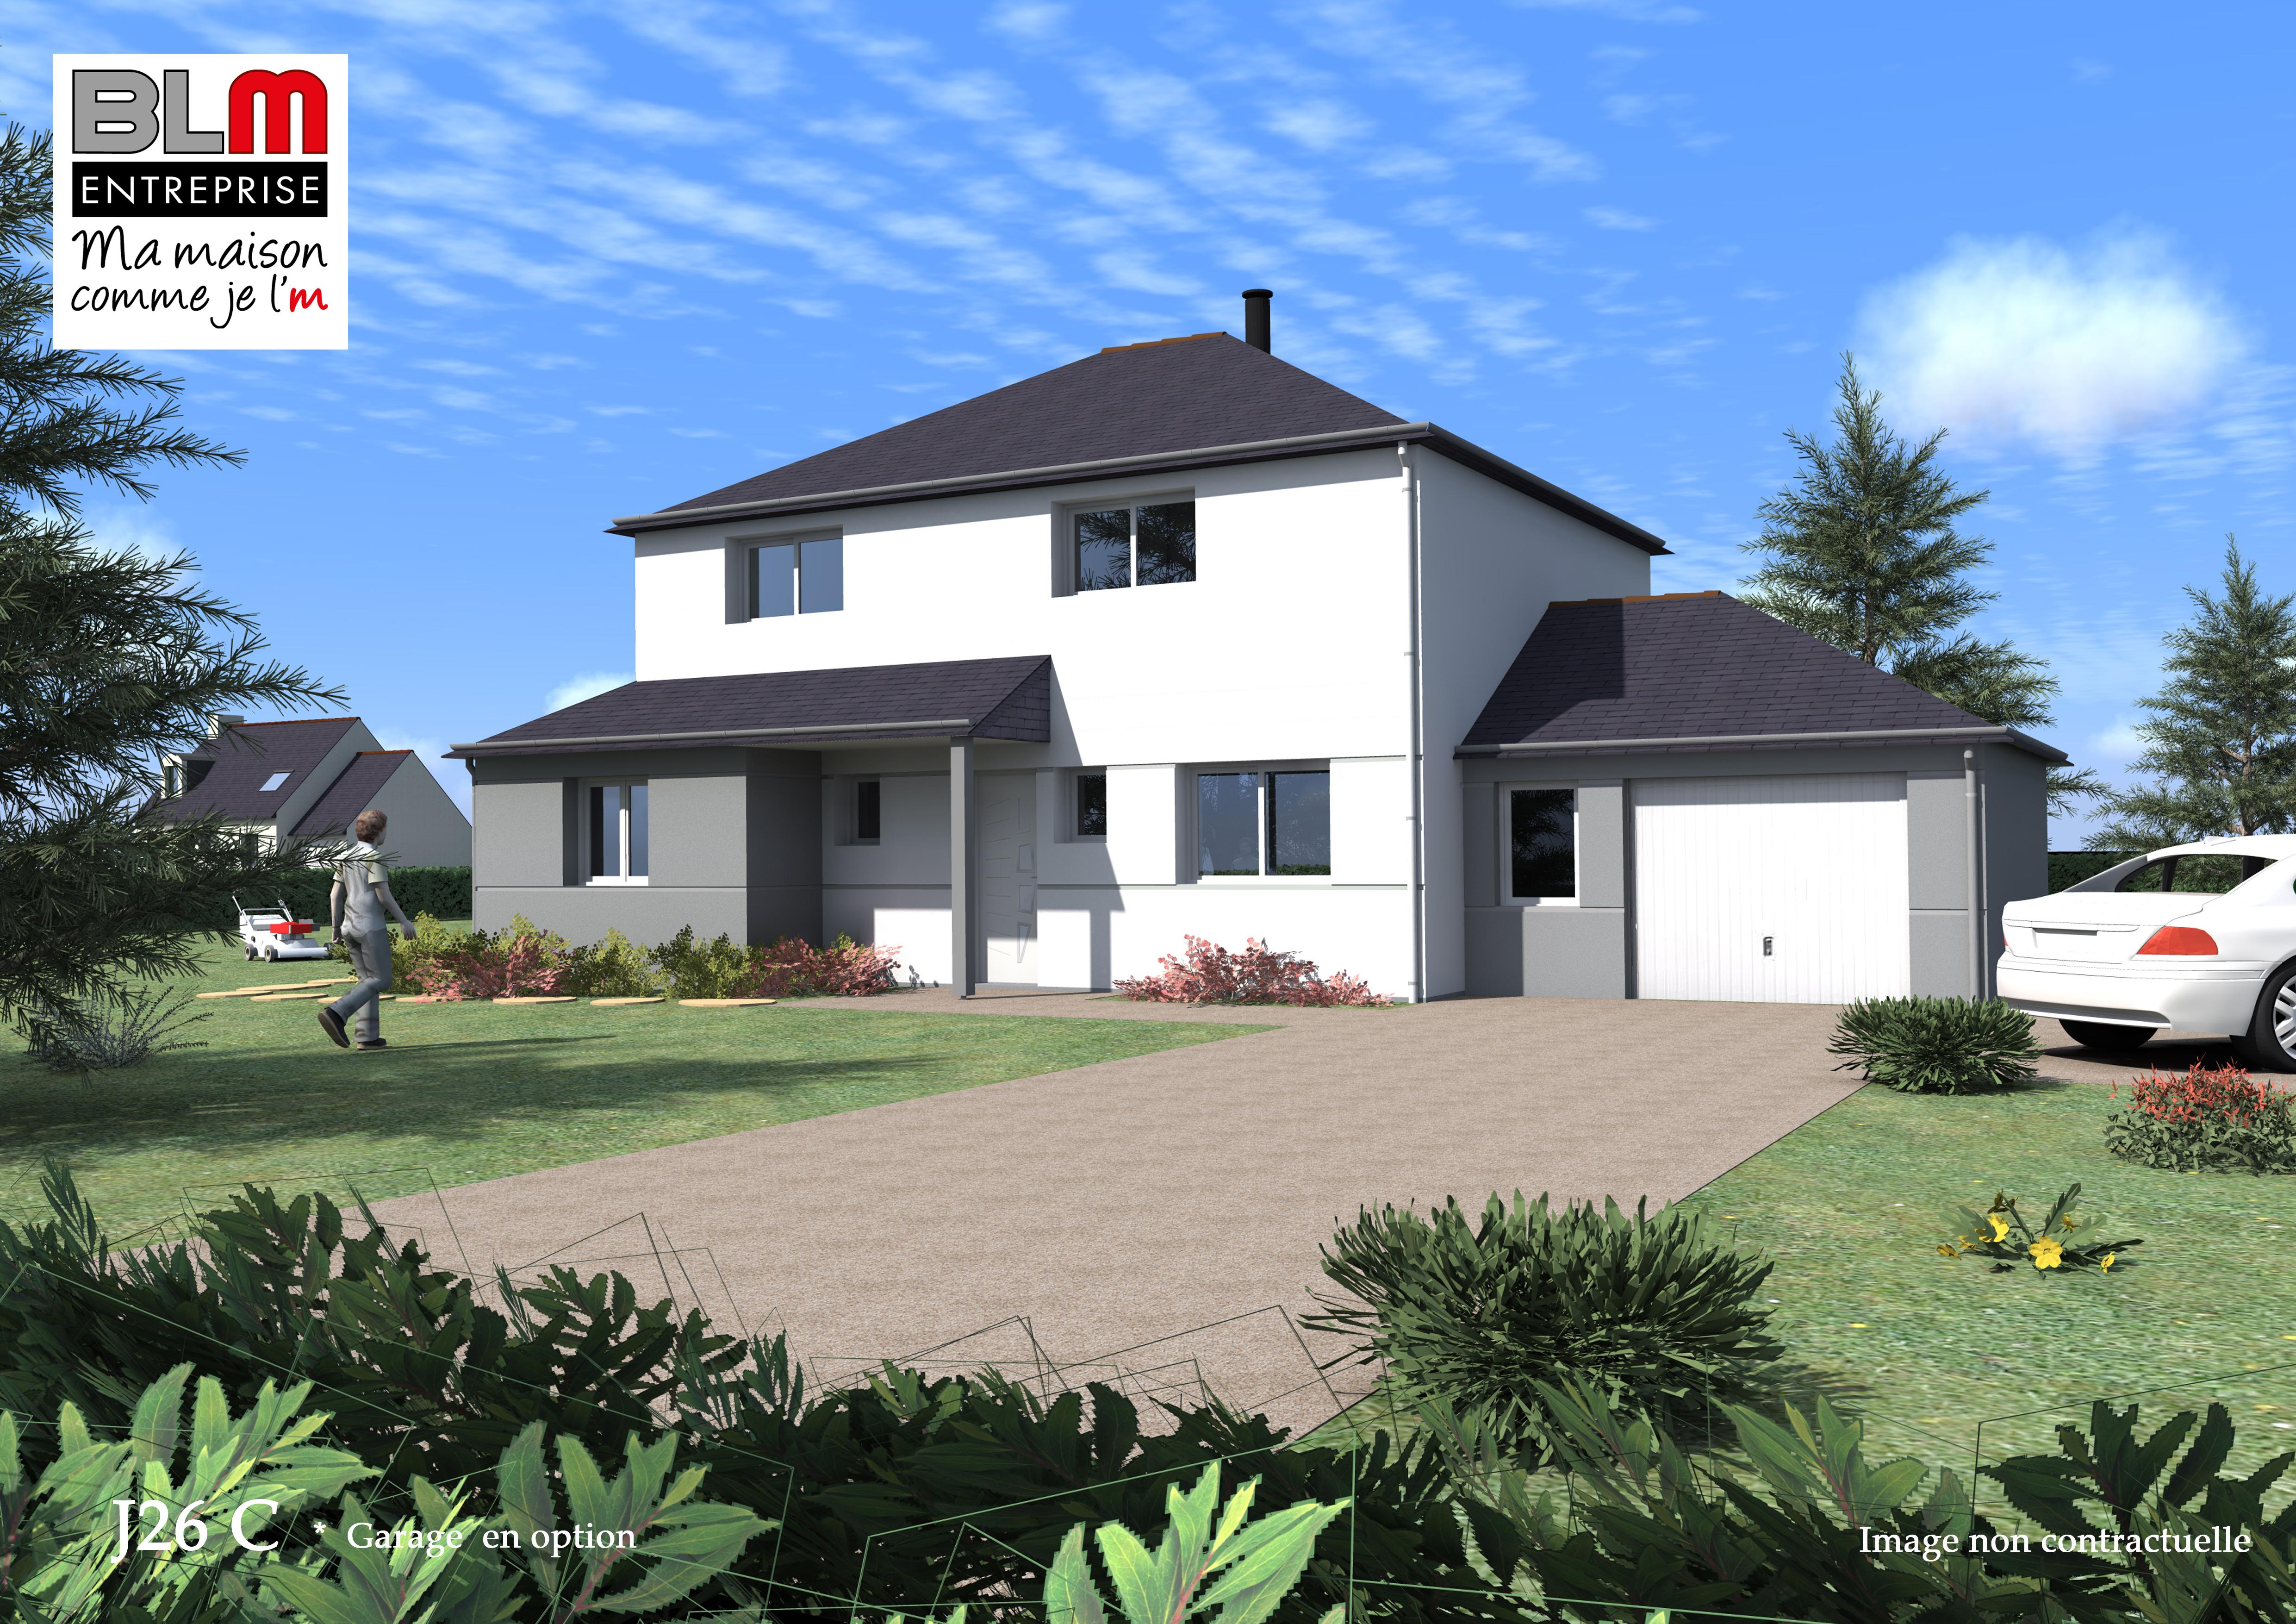 La fresnais construction maison terrain de 442 m2 blm 35 for Terrain construction maison